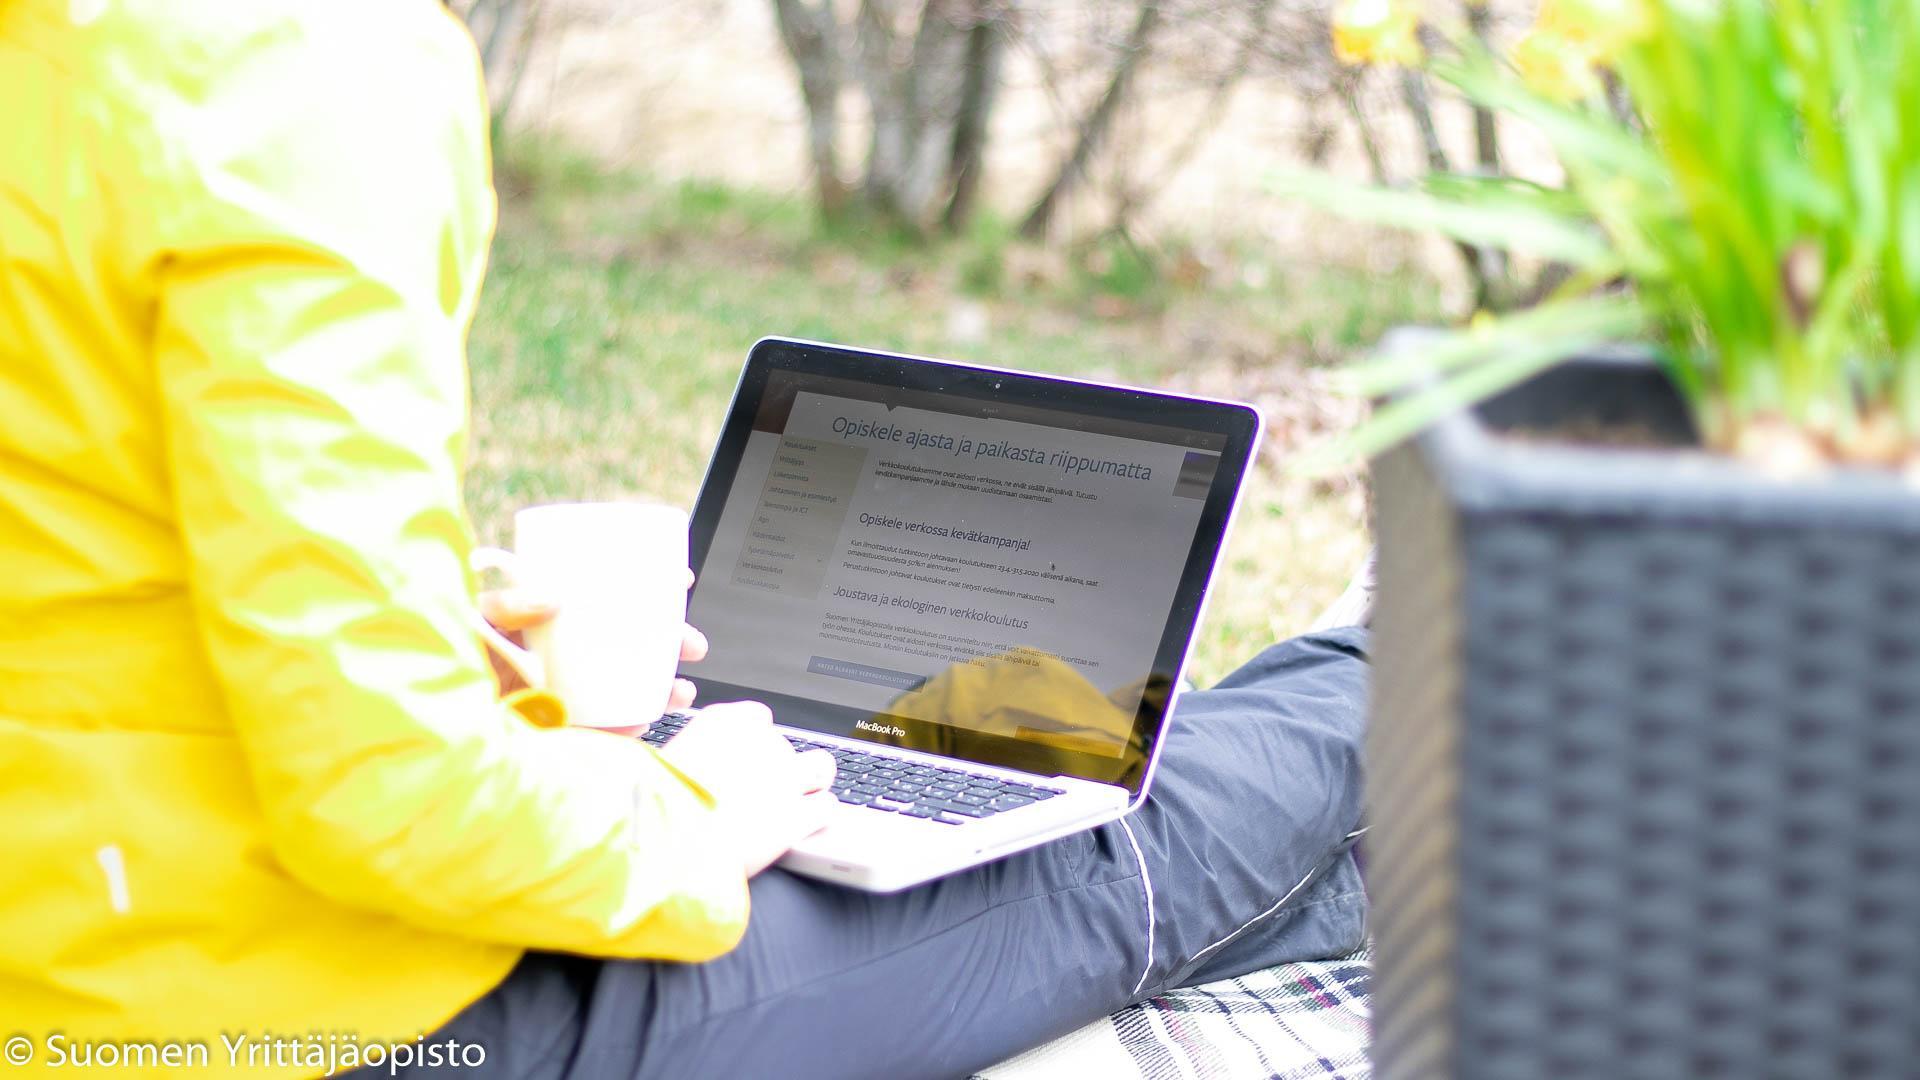 Nainen katsoo tietokonetta ulkona